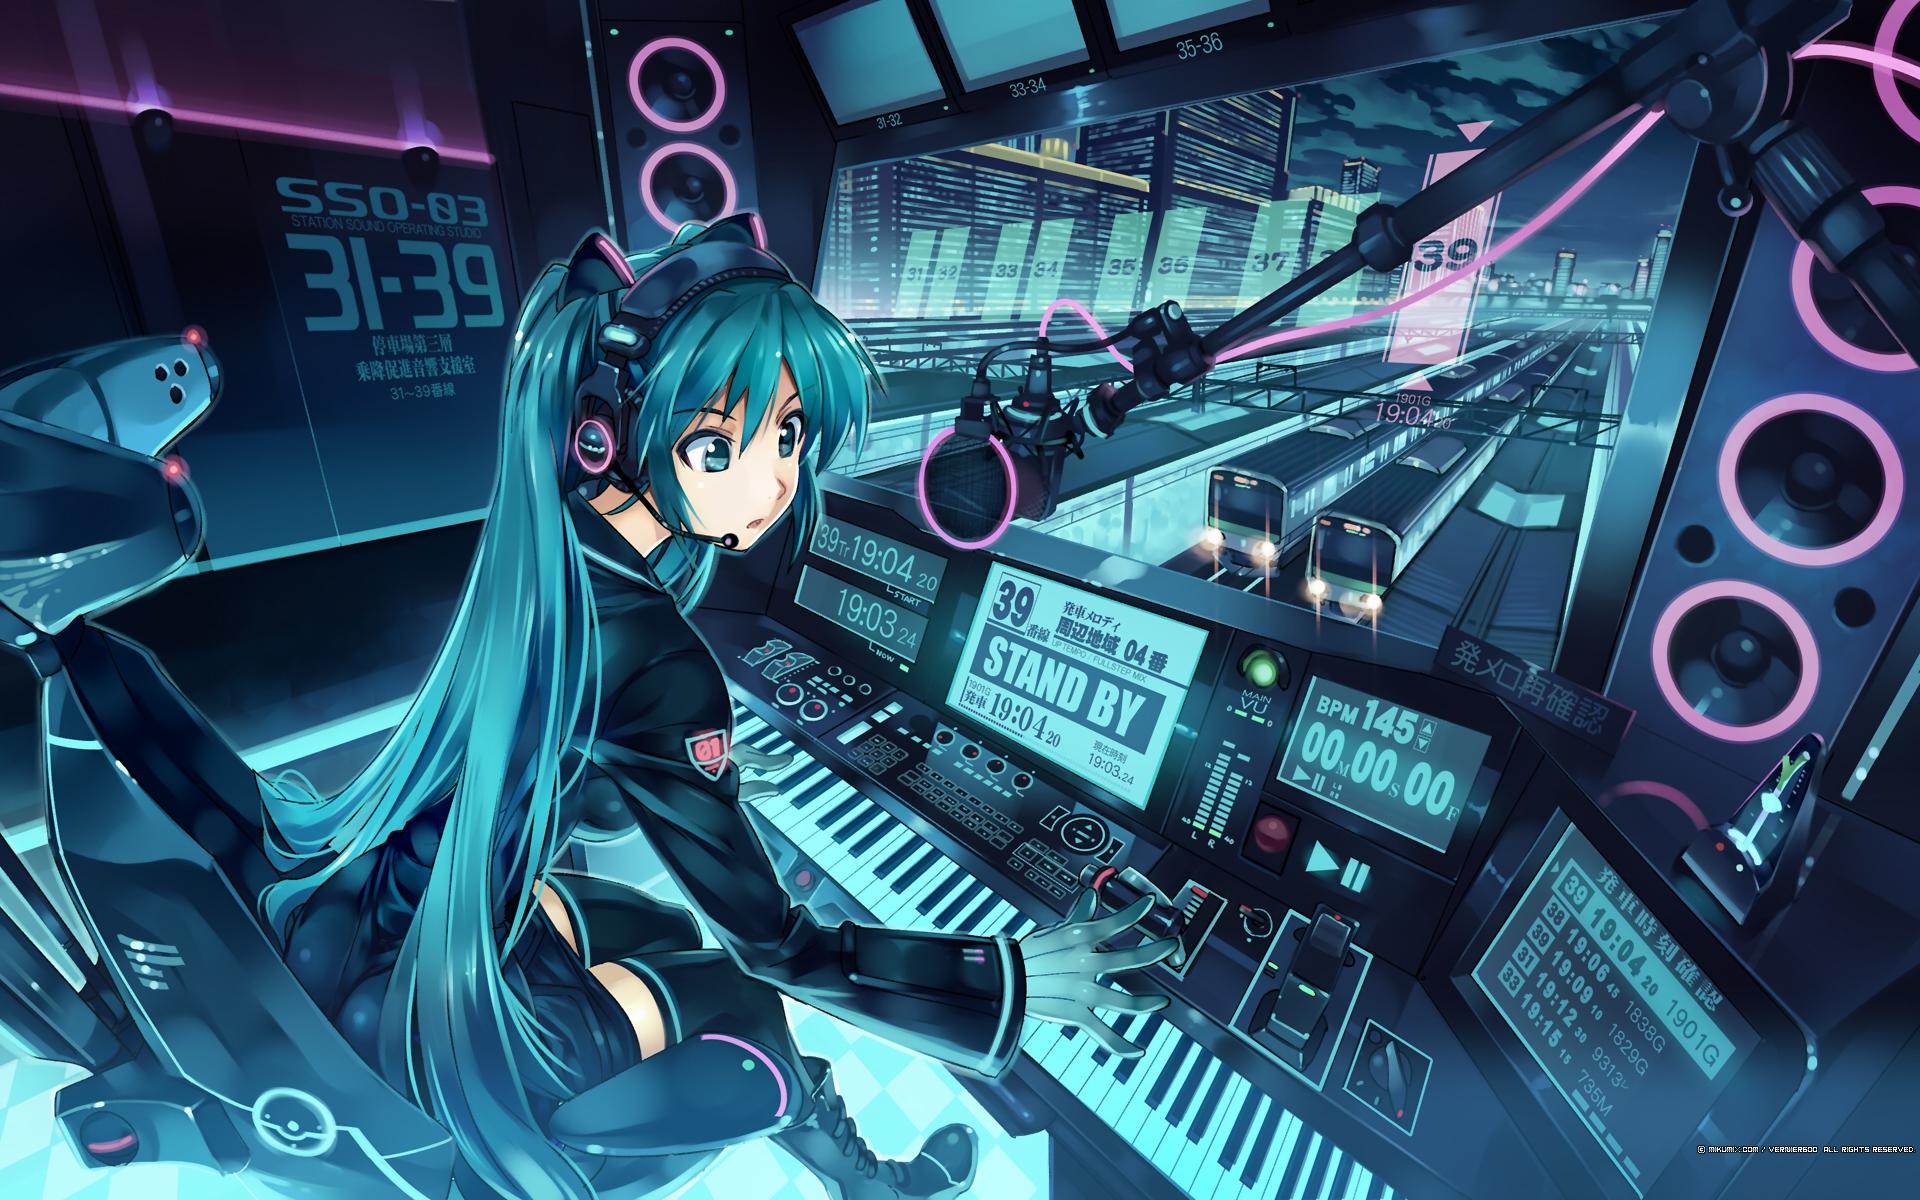 aqua_eyes aqua_hair boots hatsune_miku headphones long_hair mikumix thighhighs train twintails vania600 vocaloid